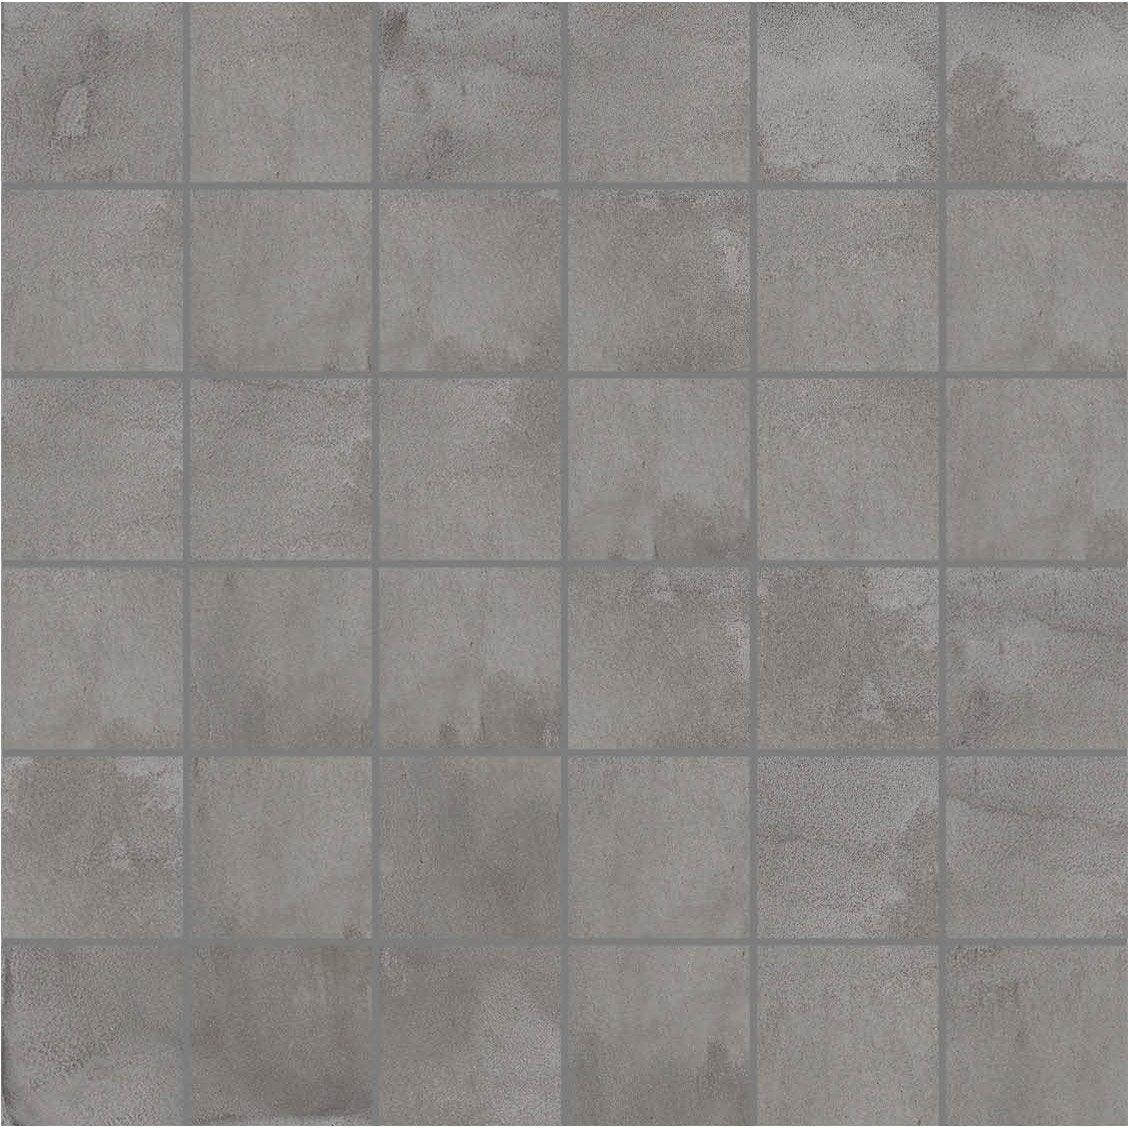 mosa que sol et mur deco gris 5 x 5 cm leroy merlin. Black Bedroom Furniture Sets. Home Design Ideas